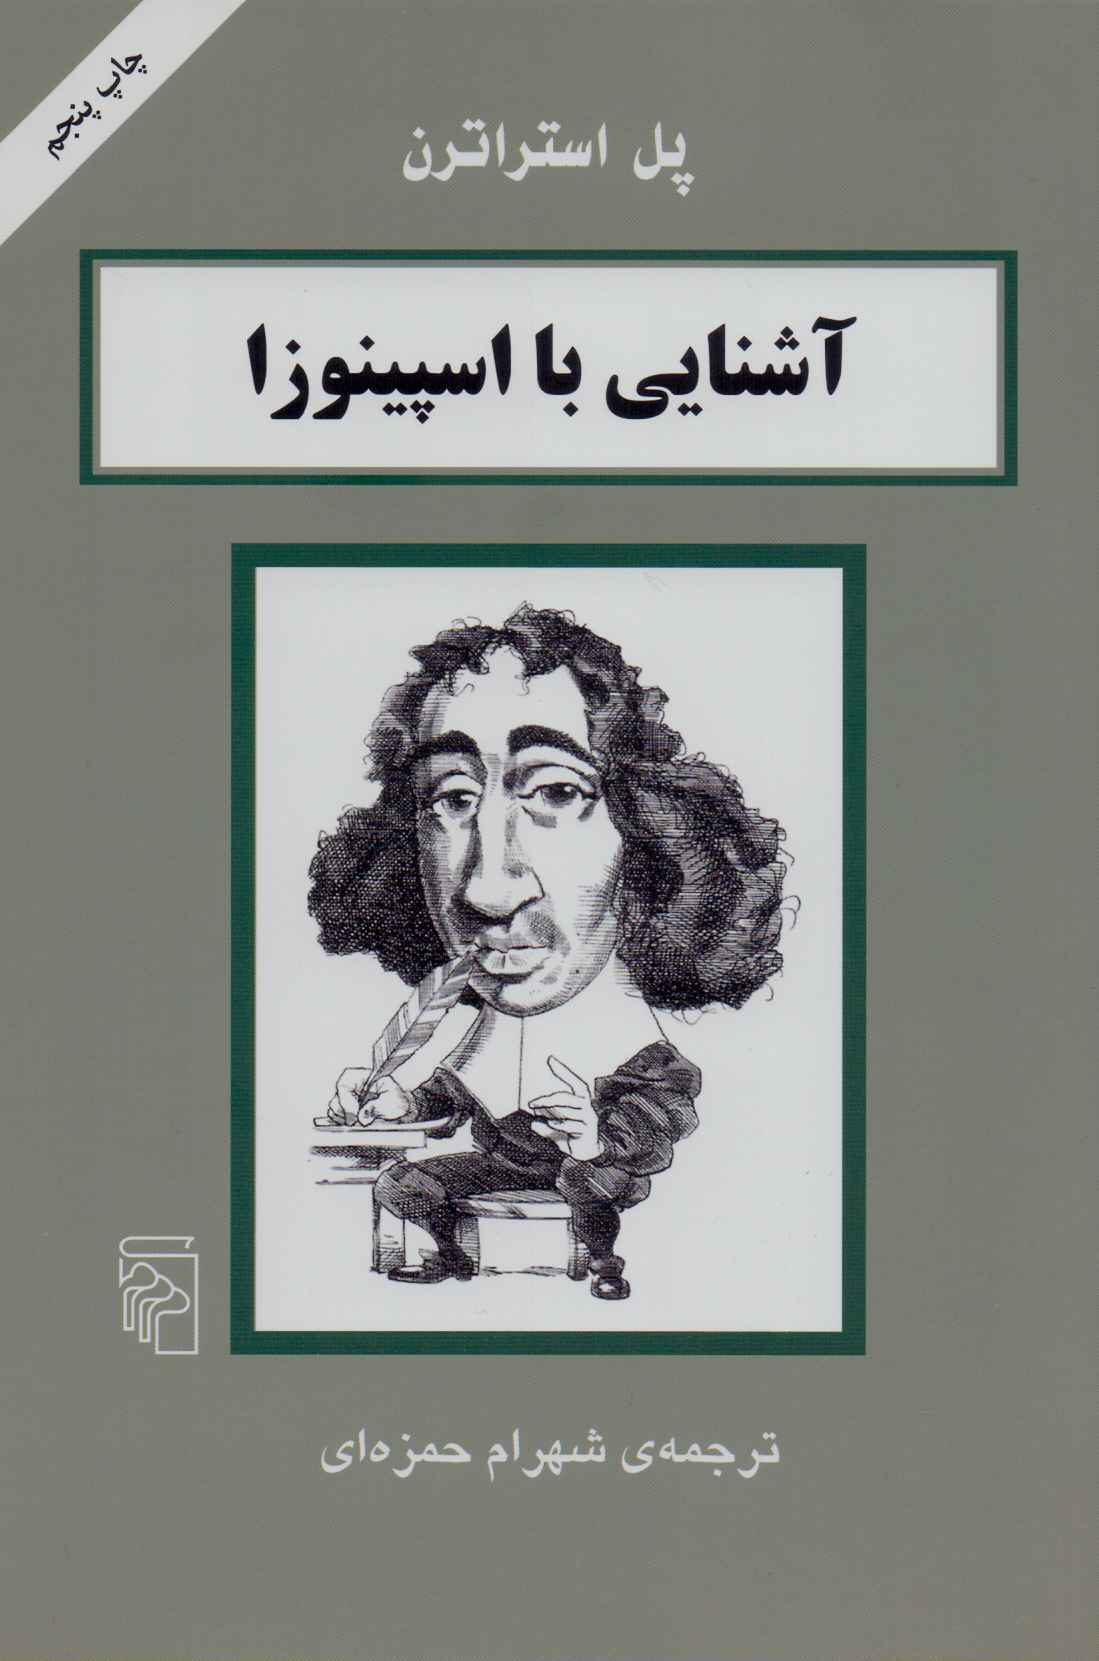 کتاب آشنایی با اسپینوزا